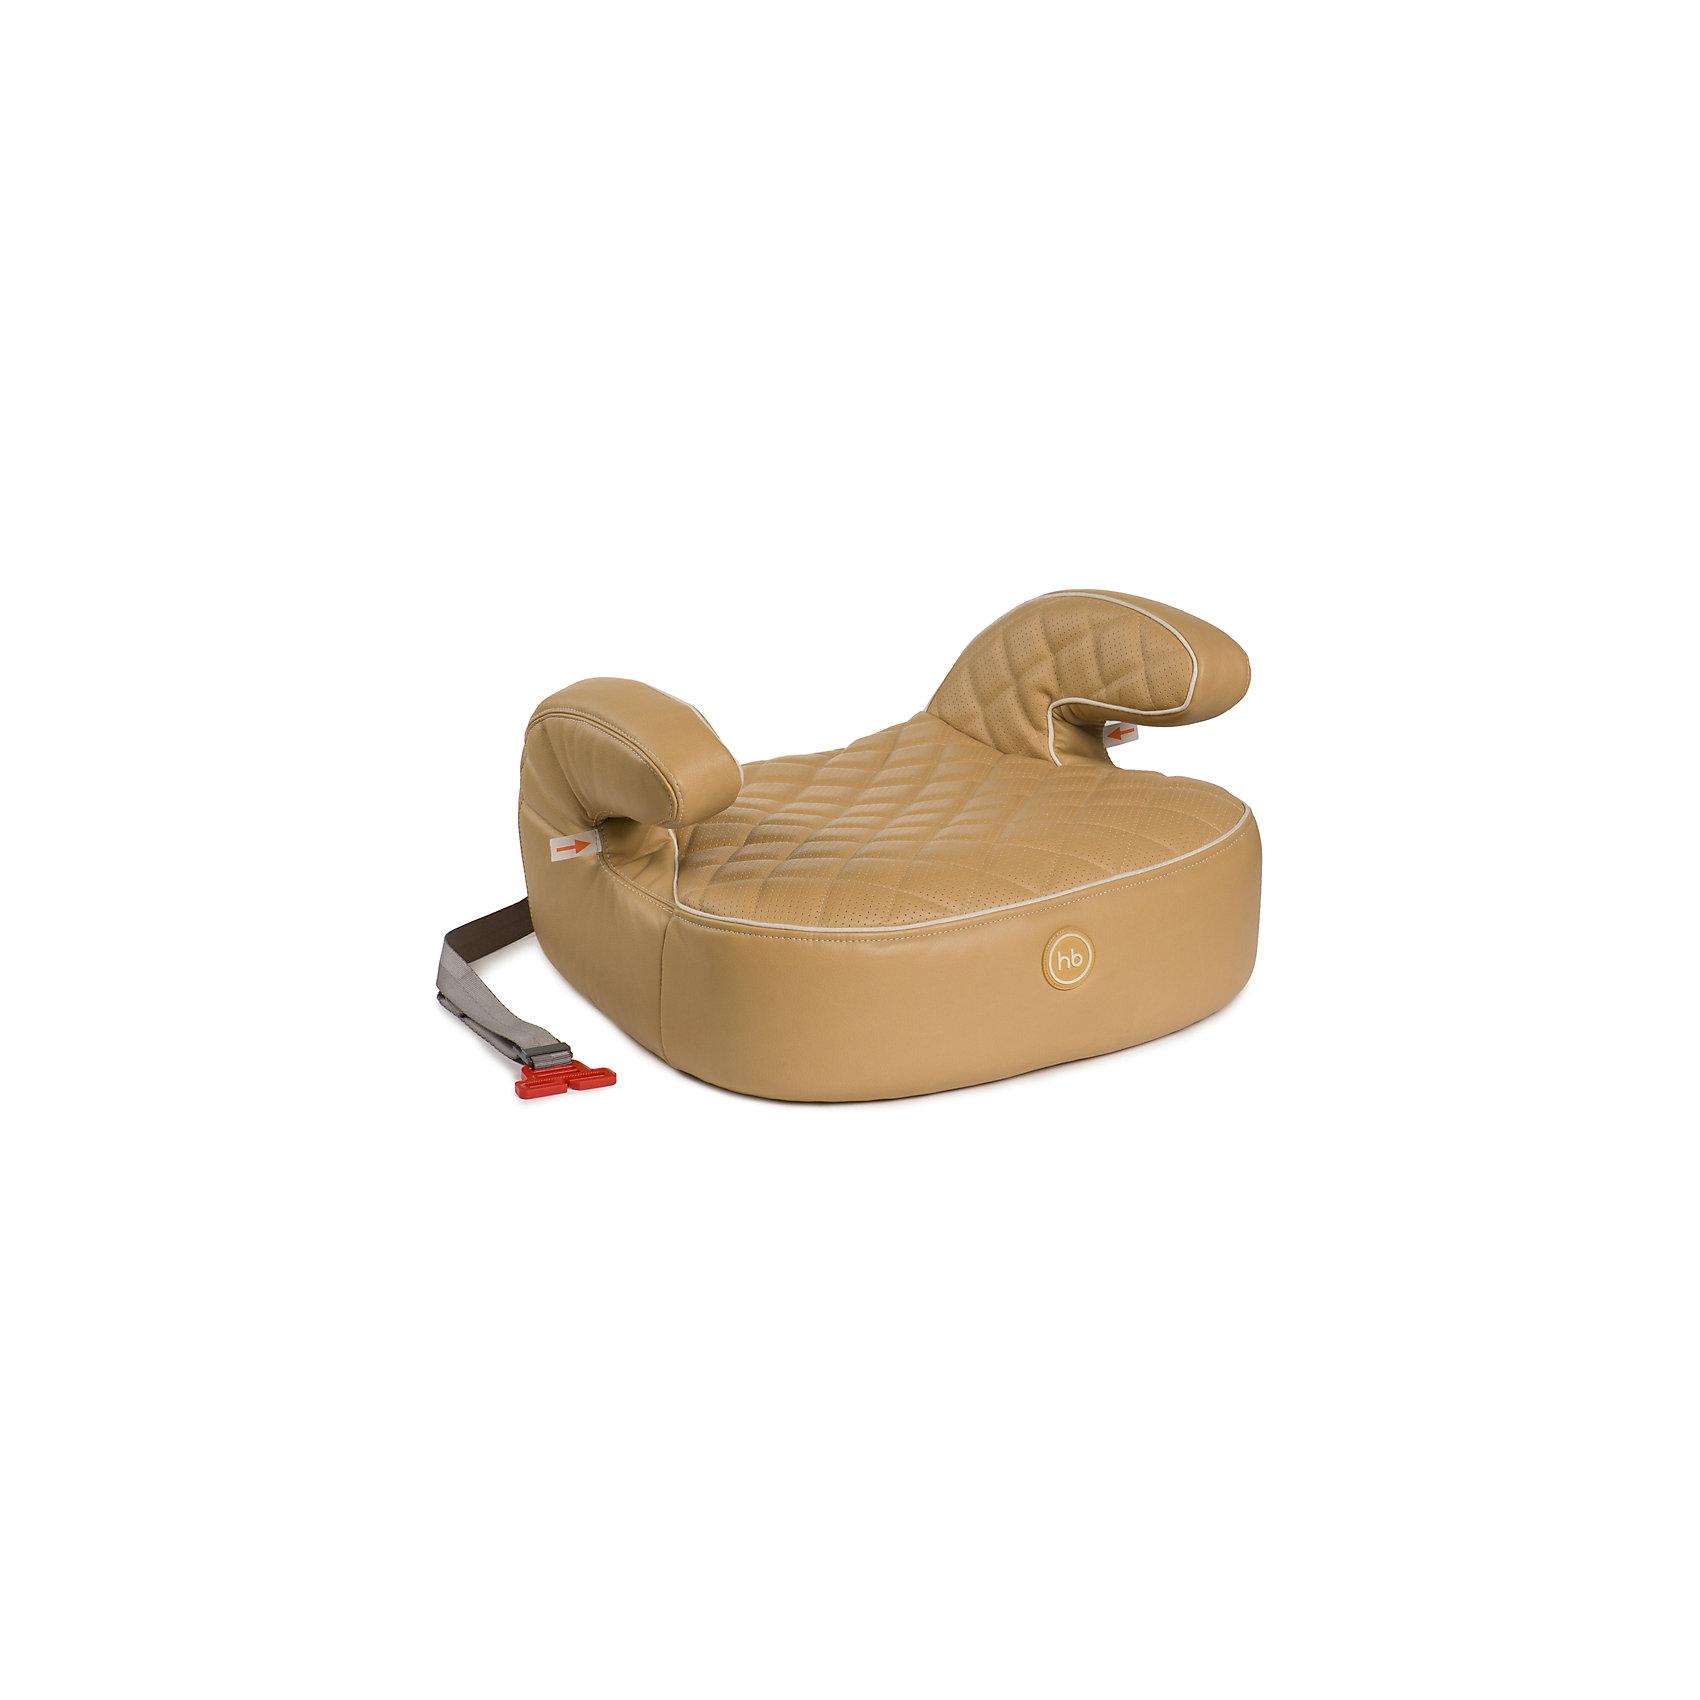 Автокресло-бустер Happy Baby Rider Deluxe, 15-36 кг, бежевыйБустеры<br>Бустер без спинки с мягкими подлокотниками. Форма бустера RIDER<br>обеспечивает правильное положение в дороге, комфорт и максимальную<br>безопасность. Двойная стёжка придаёт особую мягкость и делает<br>сиденье уютным и комфортным для ребёнка. Материал бустера стоек<br>к истиранию, прекрасно держит форму при сминании.  Чехол из экокожи<br>прост в уходе, при необходимости легко снимается для стирки. Крепится<br>в автомобиле штатными трёхточечными ремнями безопасности. Бустер<br>устанавливается лицом по ходу движения автомобиля.<br><br>Дополнительная информация:<br><br>Позволяет полноценно пристегнуть ребенка штатным ремнем безопасности автомобиля<br>Съемный чехол из экокожи<br>СОСТАВ<br>Каркас: пенополипропилен<br>Тканые материалы: 100% полиэстер, 100% полиуретан<br>Вес ребенка: до 36 кг<br>Габариты автокресла (ВхШхГ): 22,5*42*42 см<br>Ширина посадочного места: 28 см<br>Глубина посадочного места: 40 см<br>Вес автокресла: 1,8 кг<br>Крепится штатным ремнем безопасности: да<br><br>Автокресло-бустер Rider Deluxe, 15-36 кг., Happy Baby, бежевый можно купить в нашем магазине.<br><br>Ширина мм: 370<br>Глубина мм: 520<br>Высота мм: 790<br>Вес г: 2275<br>Цвет: бежевый<br>Возраст от месяцев: 72<br>Возраст до месяцев: 144<br>Пол: Унисекс<br>Возраст: Детский<br>SKU: 4580586